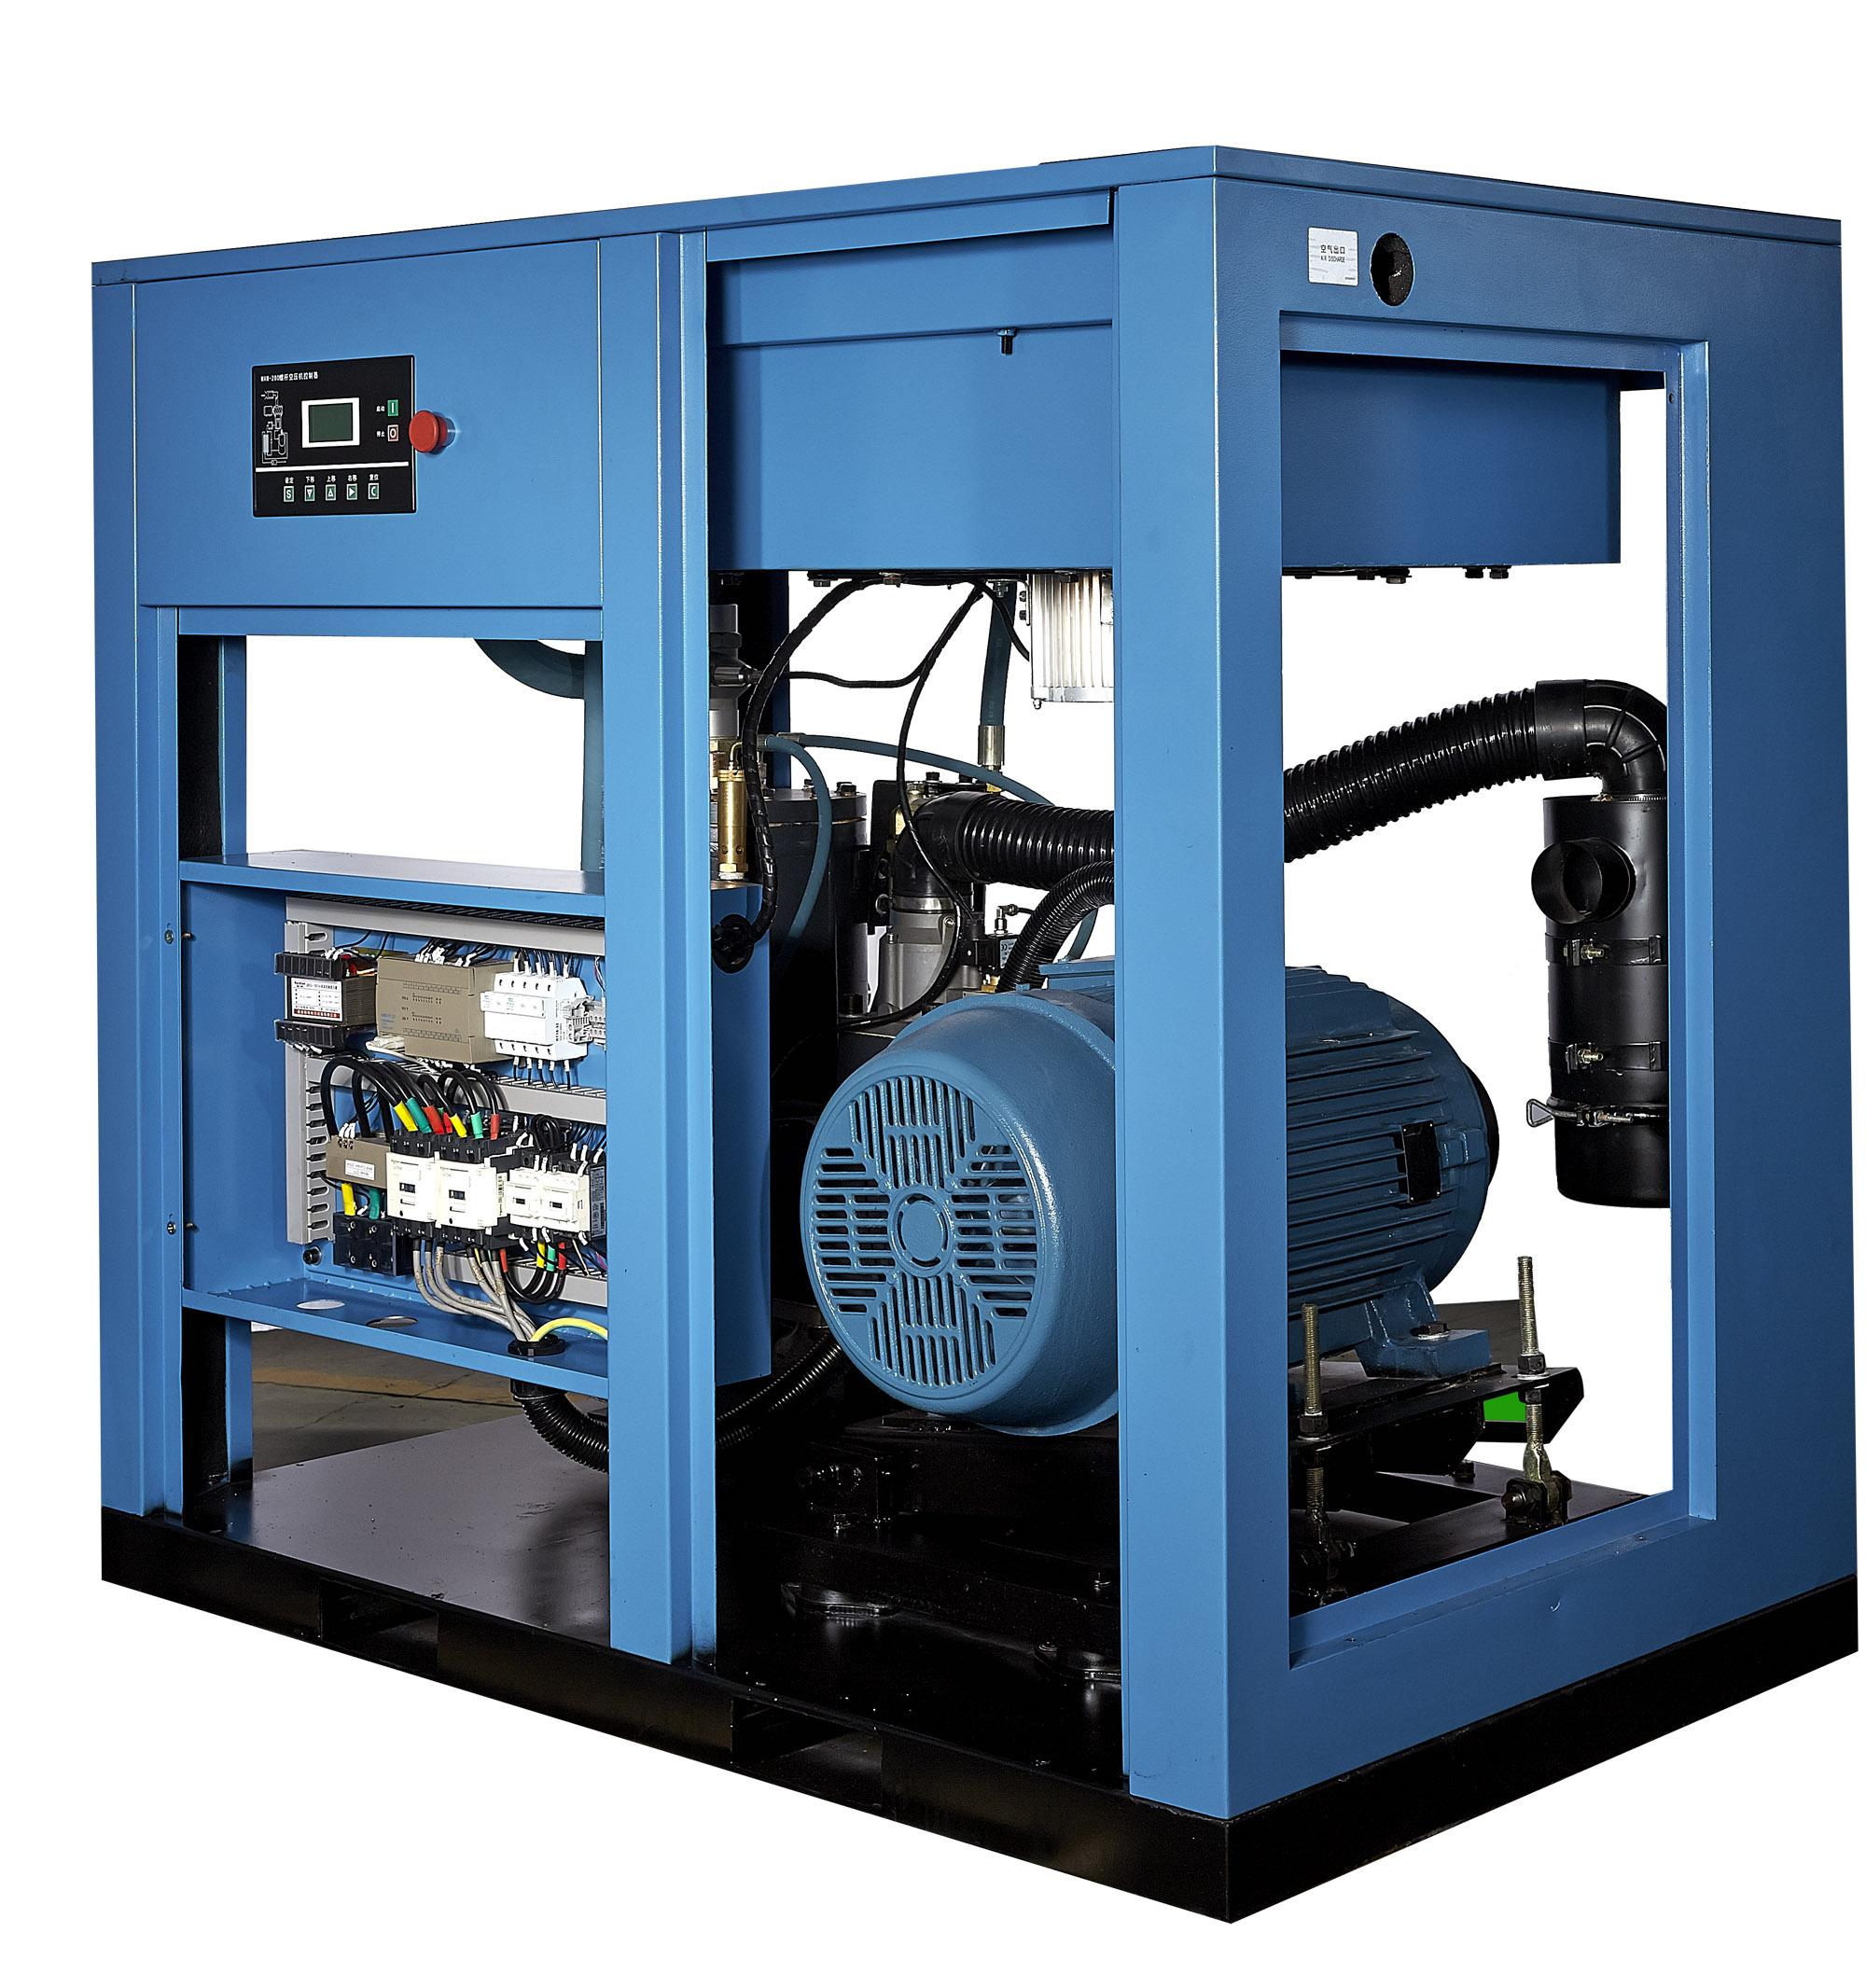 減壓閥是調節閥嗎 空壓機差壓調節閥原理